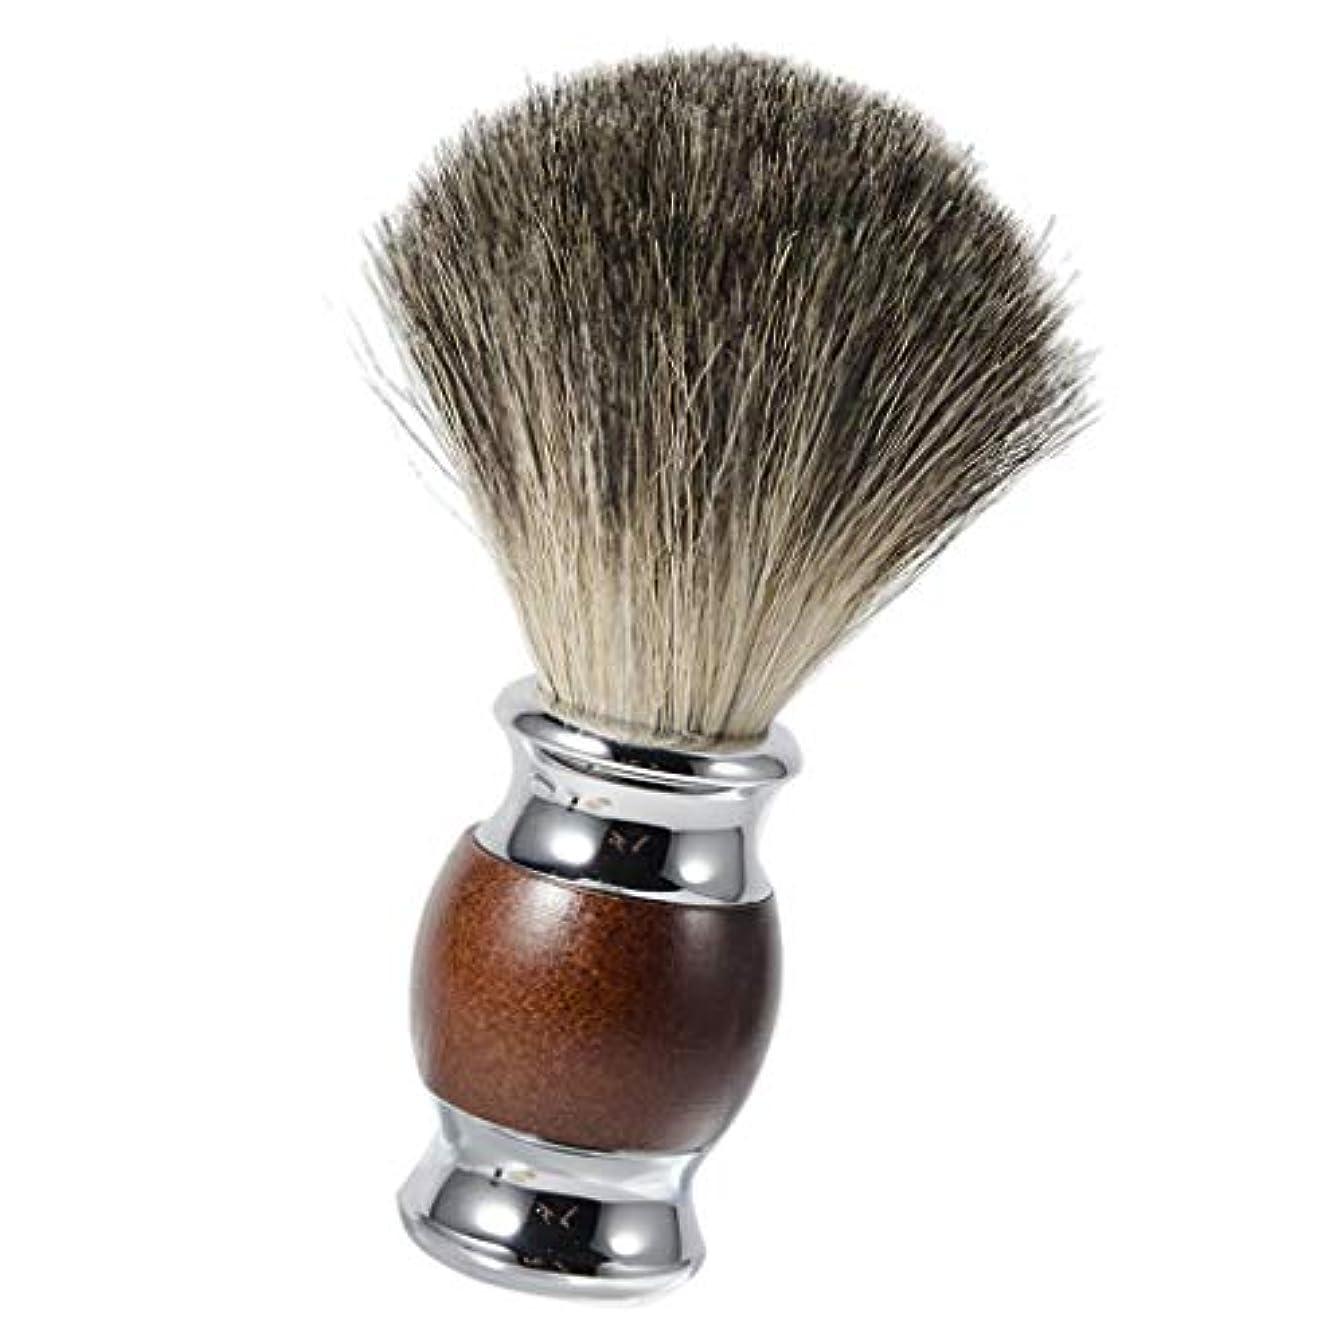 伝導率仮装ピクニックシェービング用ブラシ シェービングブラシ メンズ 理容 洗顔 髭剃り シェービング用アクセサリー